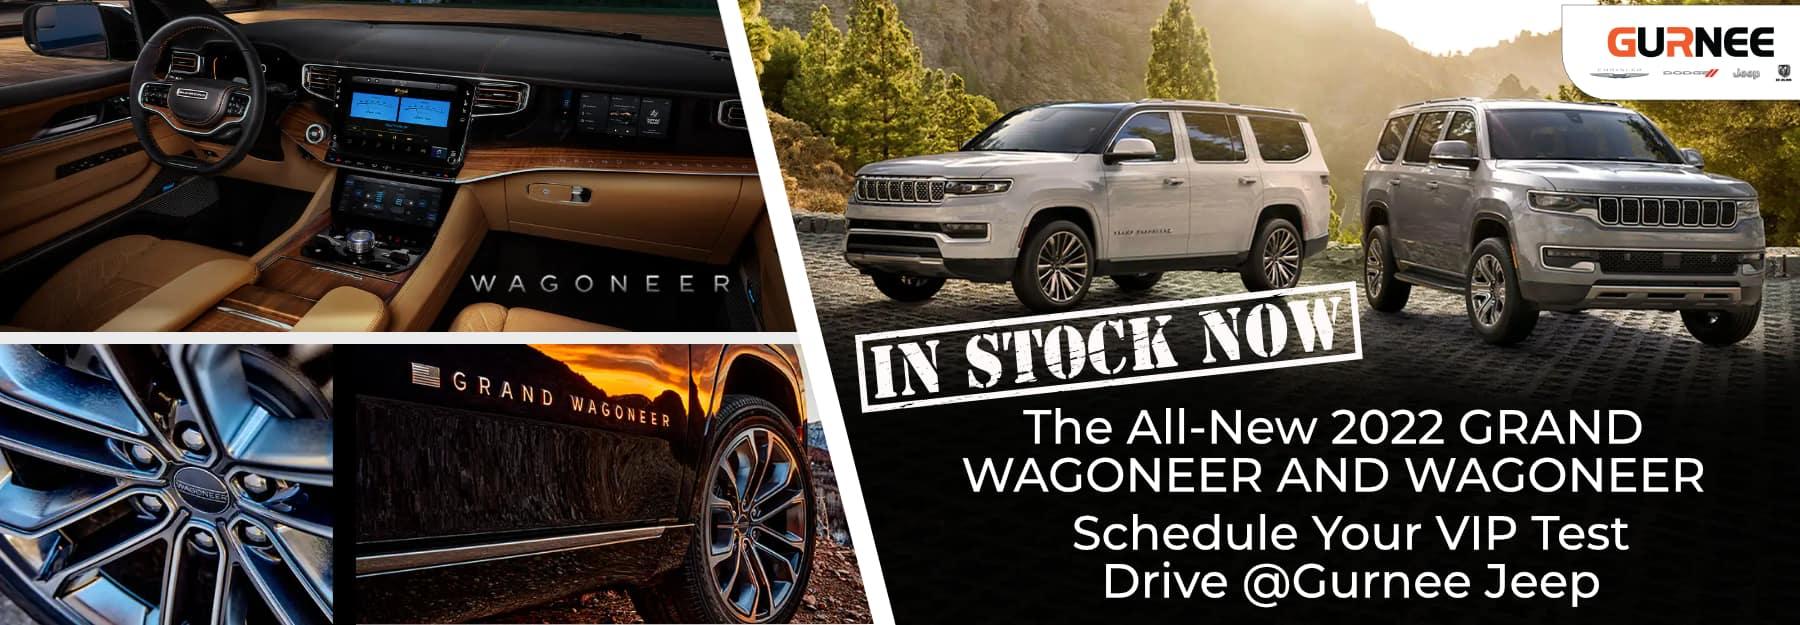 October_2021 Wagoneer_In_Stock_Now_Gurnee